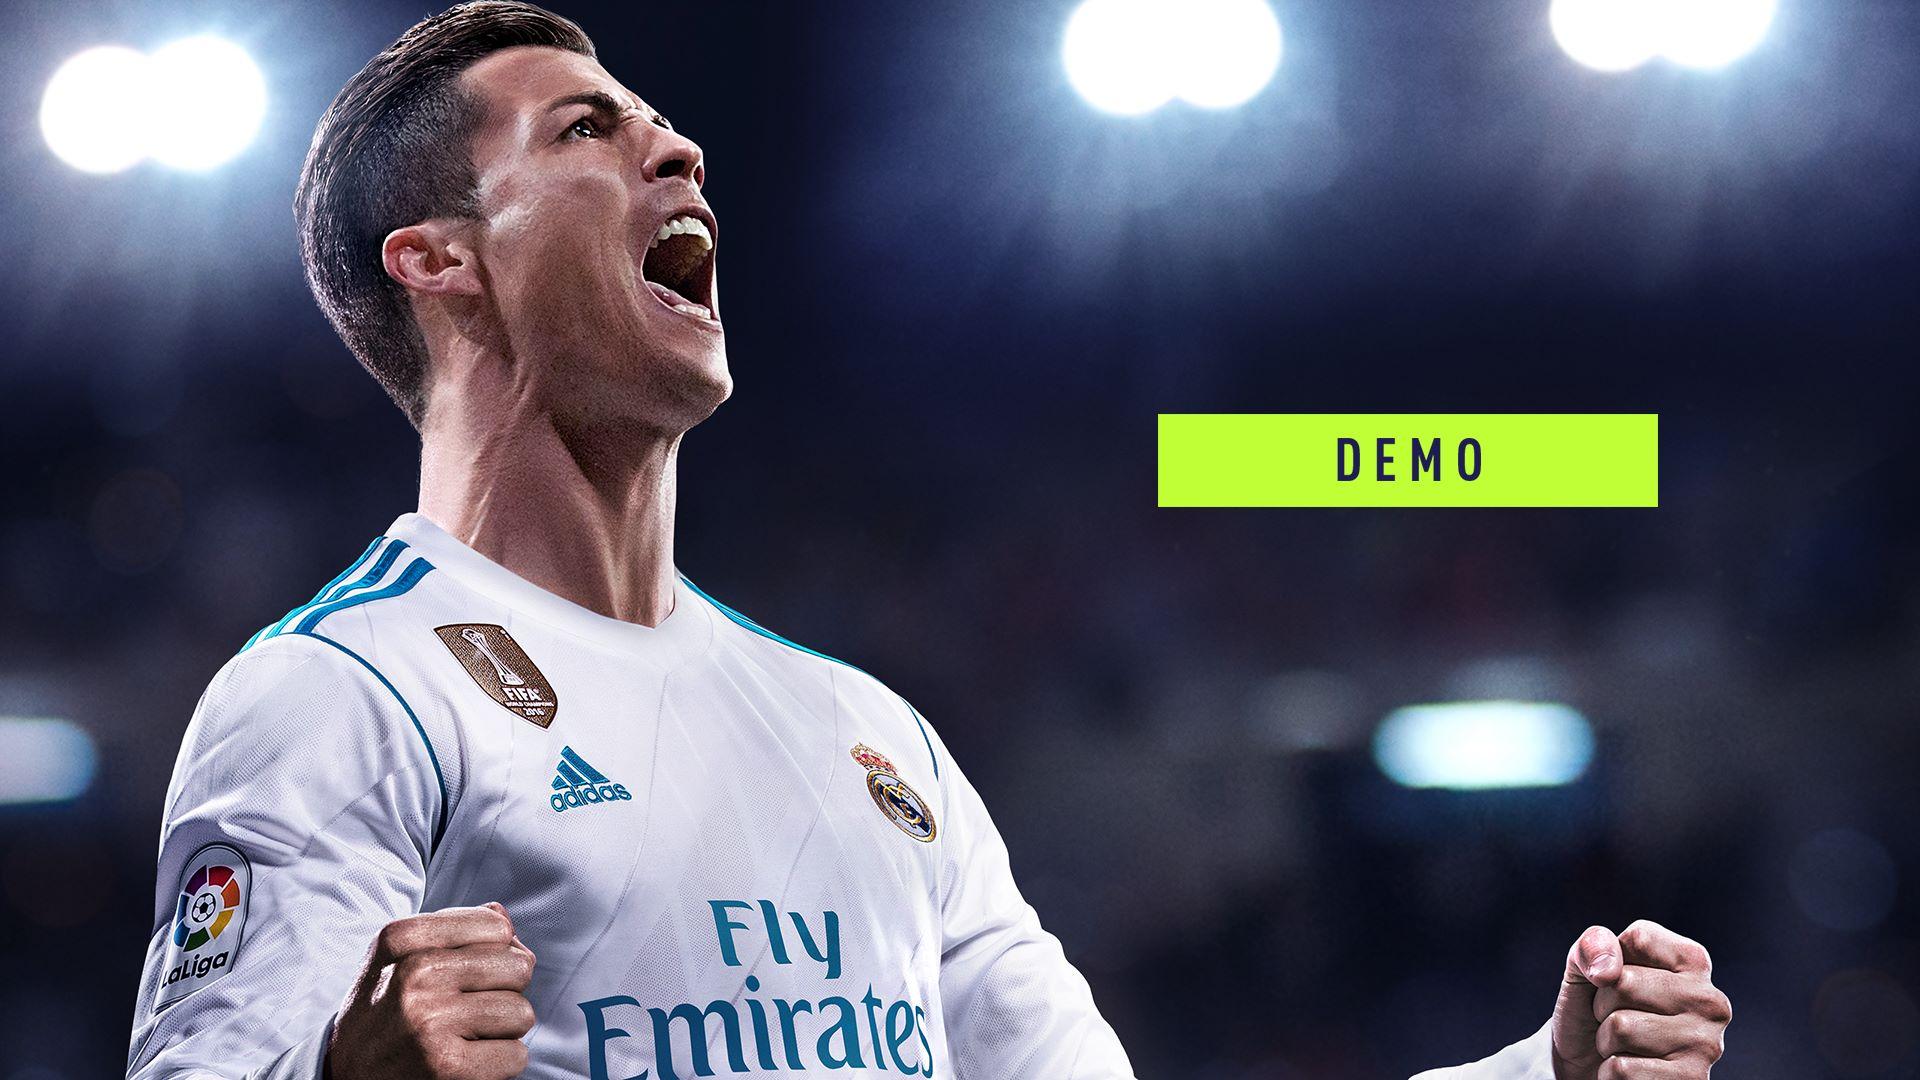 Demo do FIFA 18